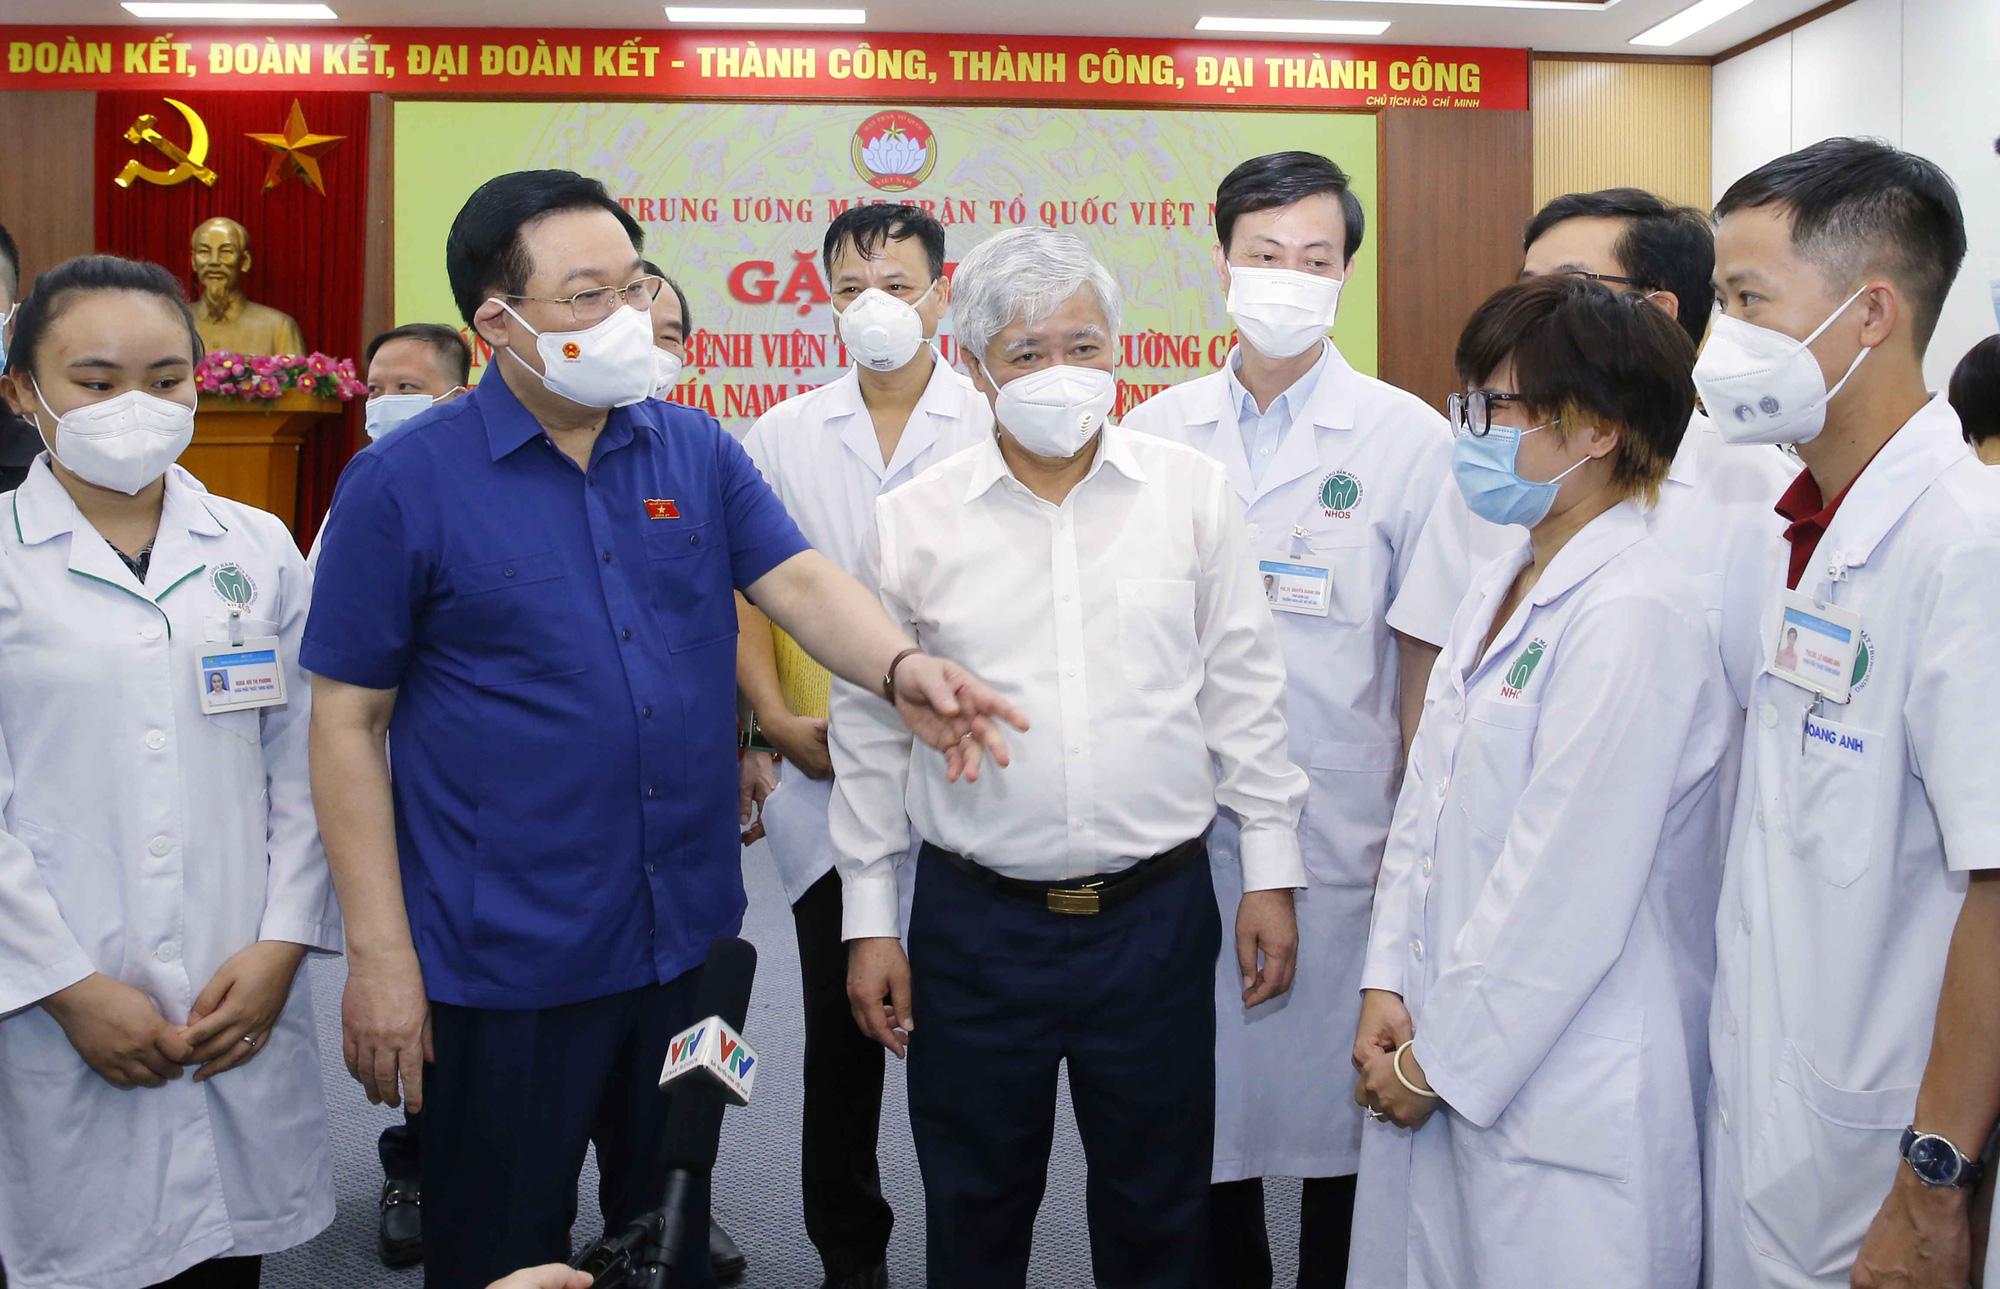 Chủ tịch Quốc hội gặp mặt, động viên gần 3.000 y bác sĩ vào TPHCM chống dịch - Ảnh 3.